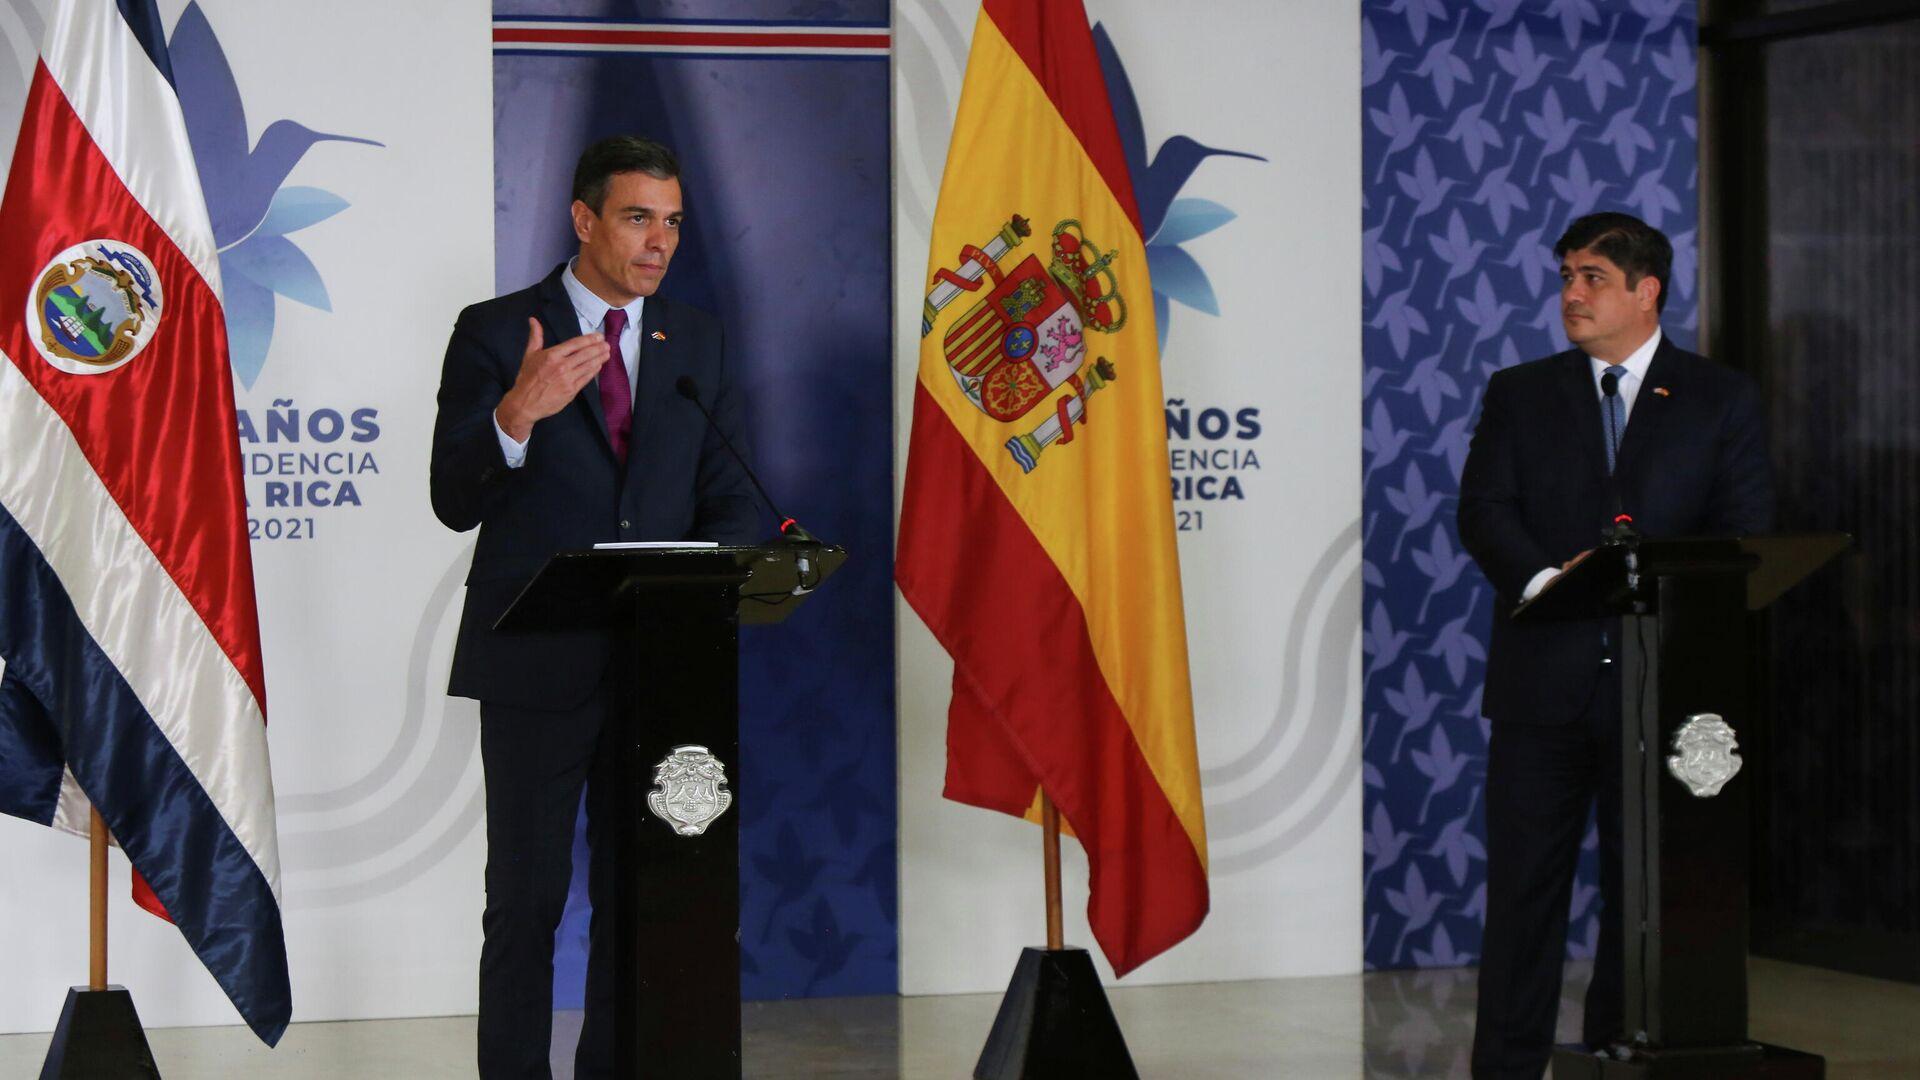 Jefe del Gobierno de España, Pedro Sánchez, y presidente de Costa Rica, Carlos Alvarado - Sputnik Mundo, 1920, 11.06.2021